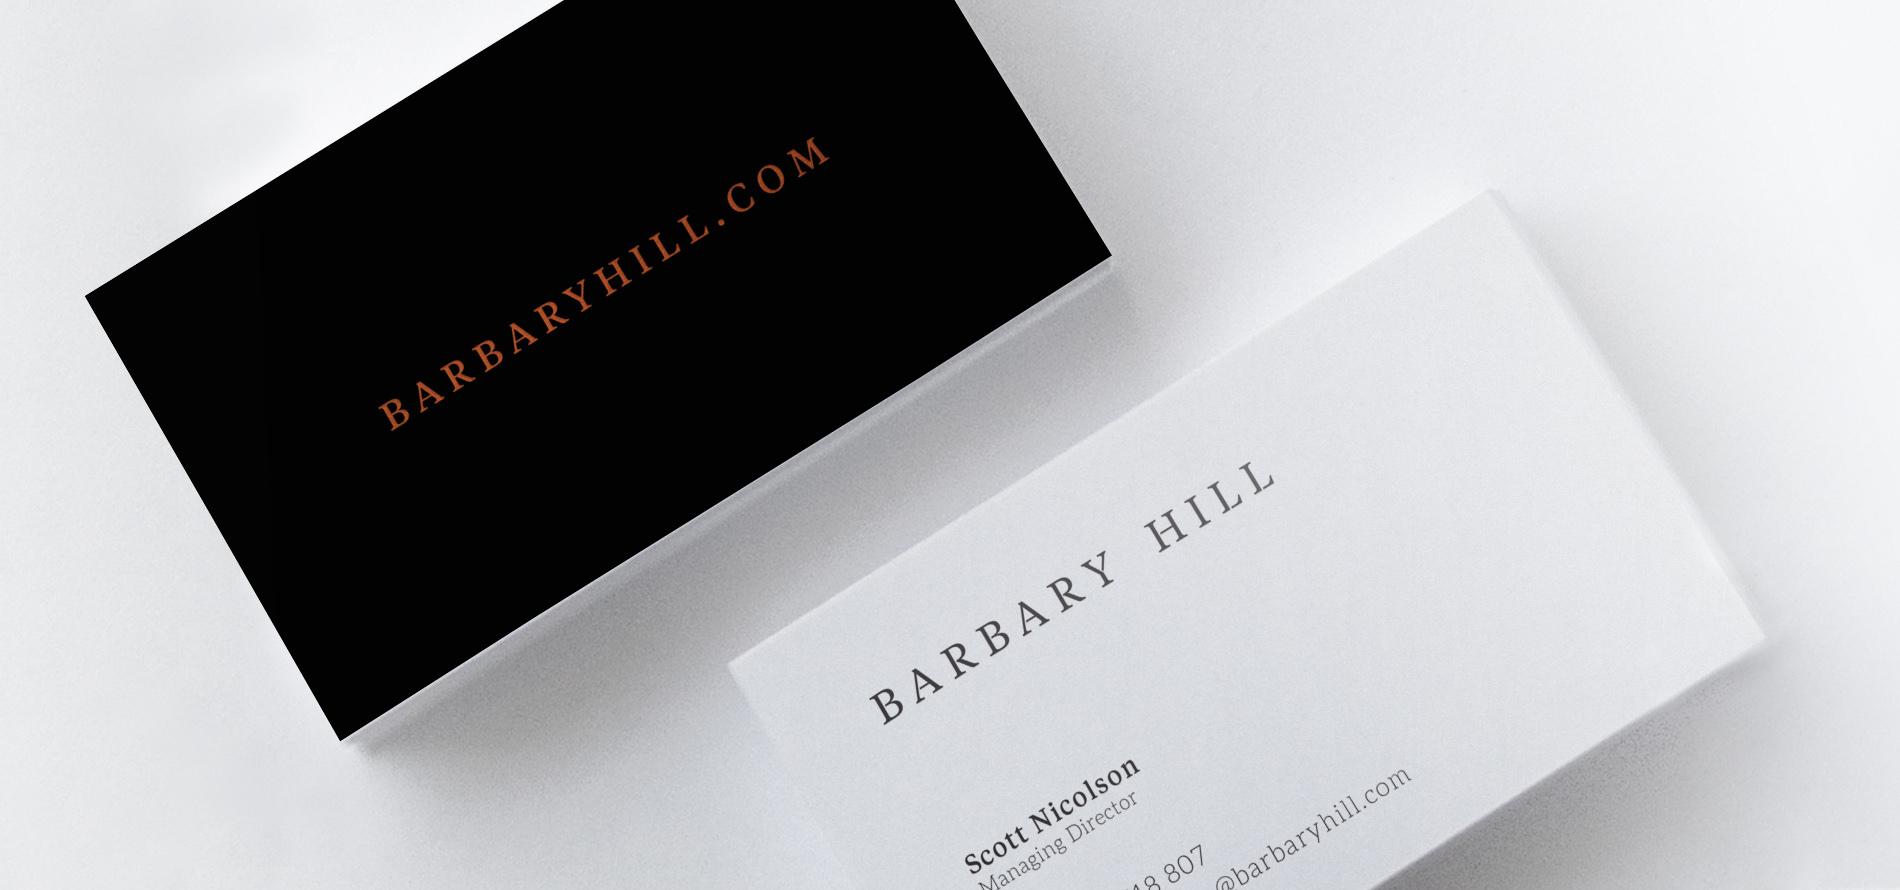 Barbary12 1